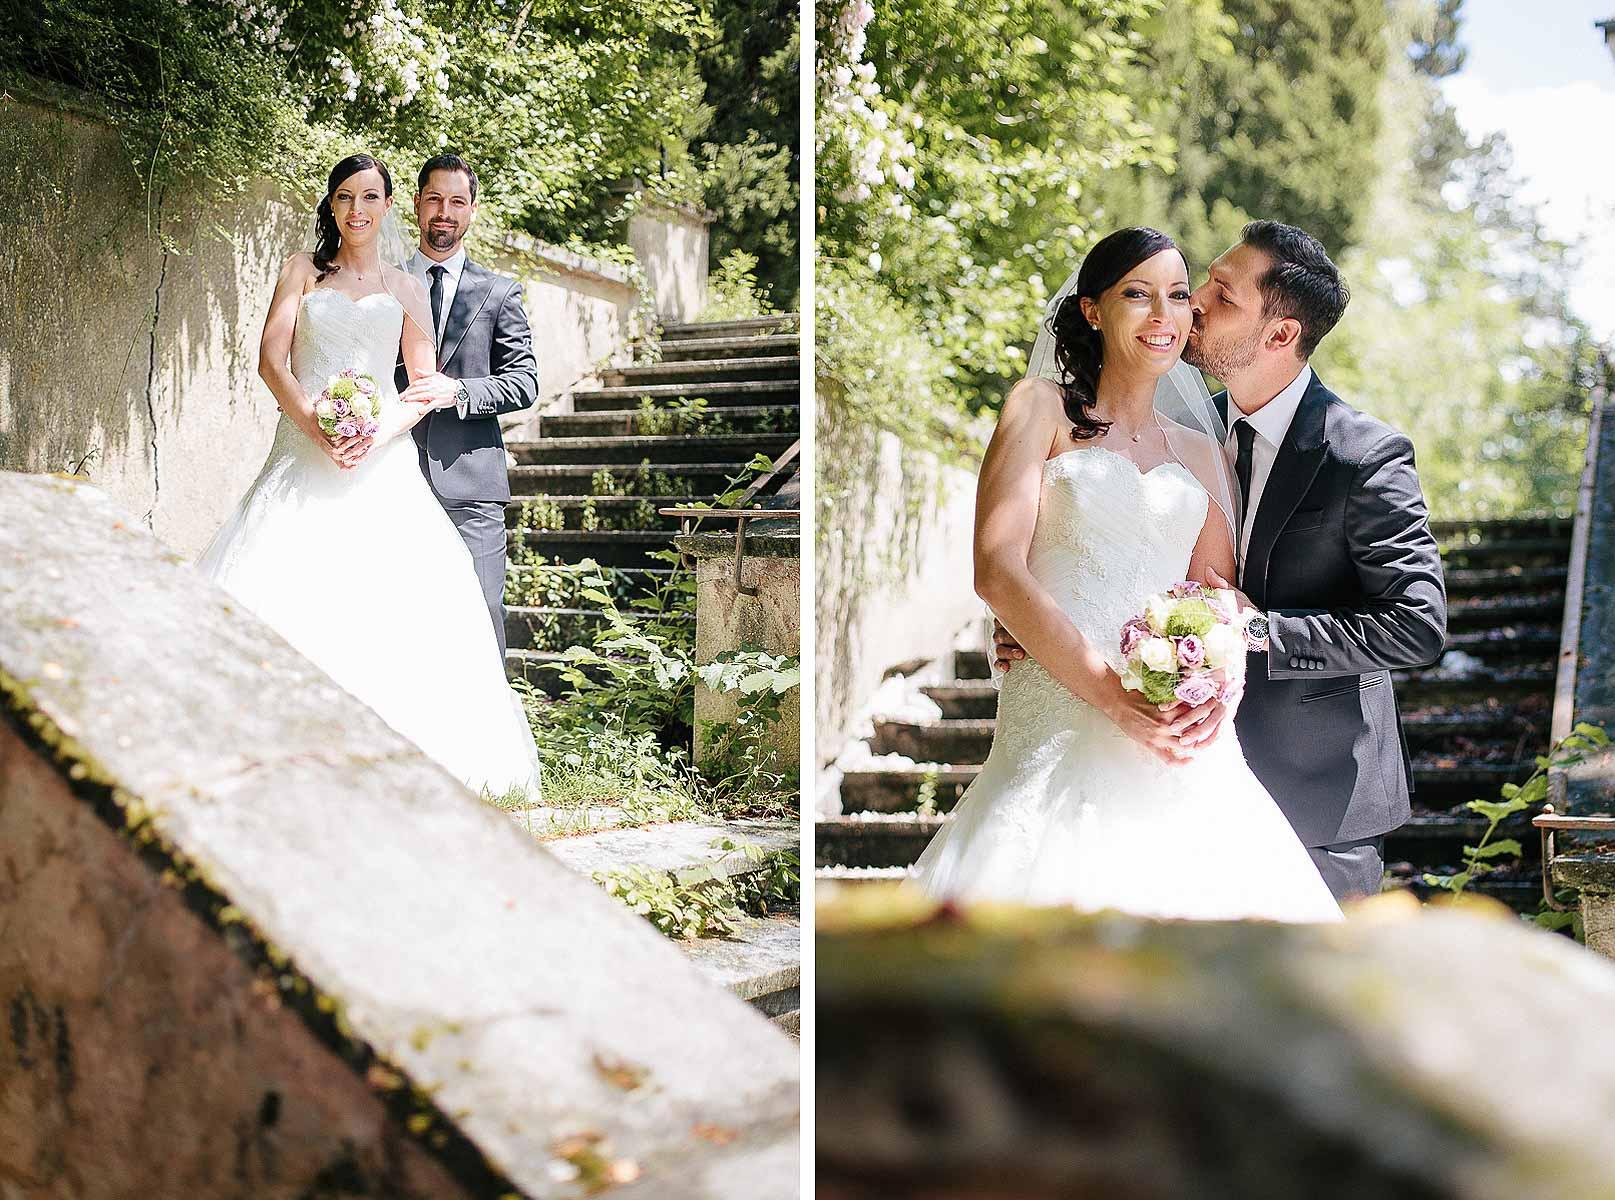 Hochzeitsfotograf Stuttgart Oliver Lichtblau Hochzeitsfilm Benni 4